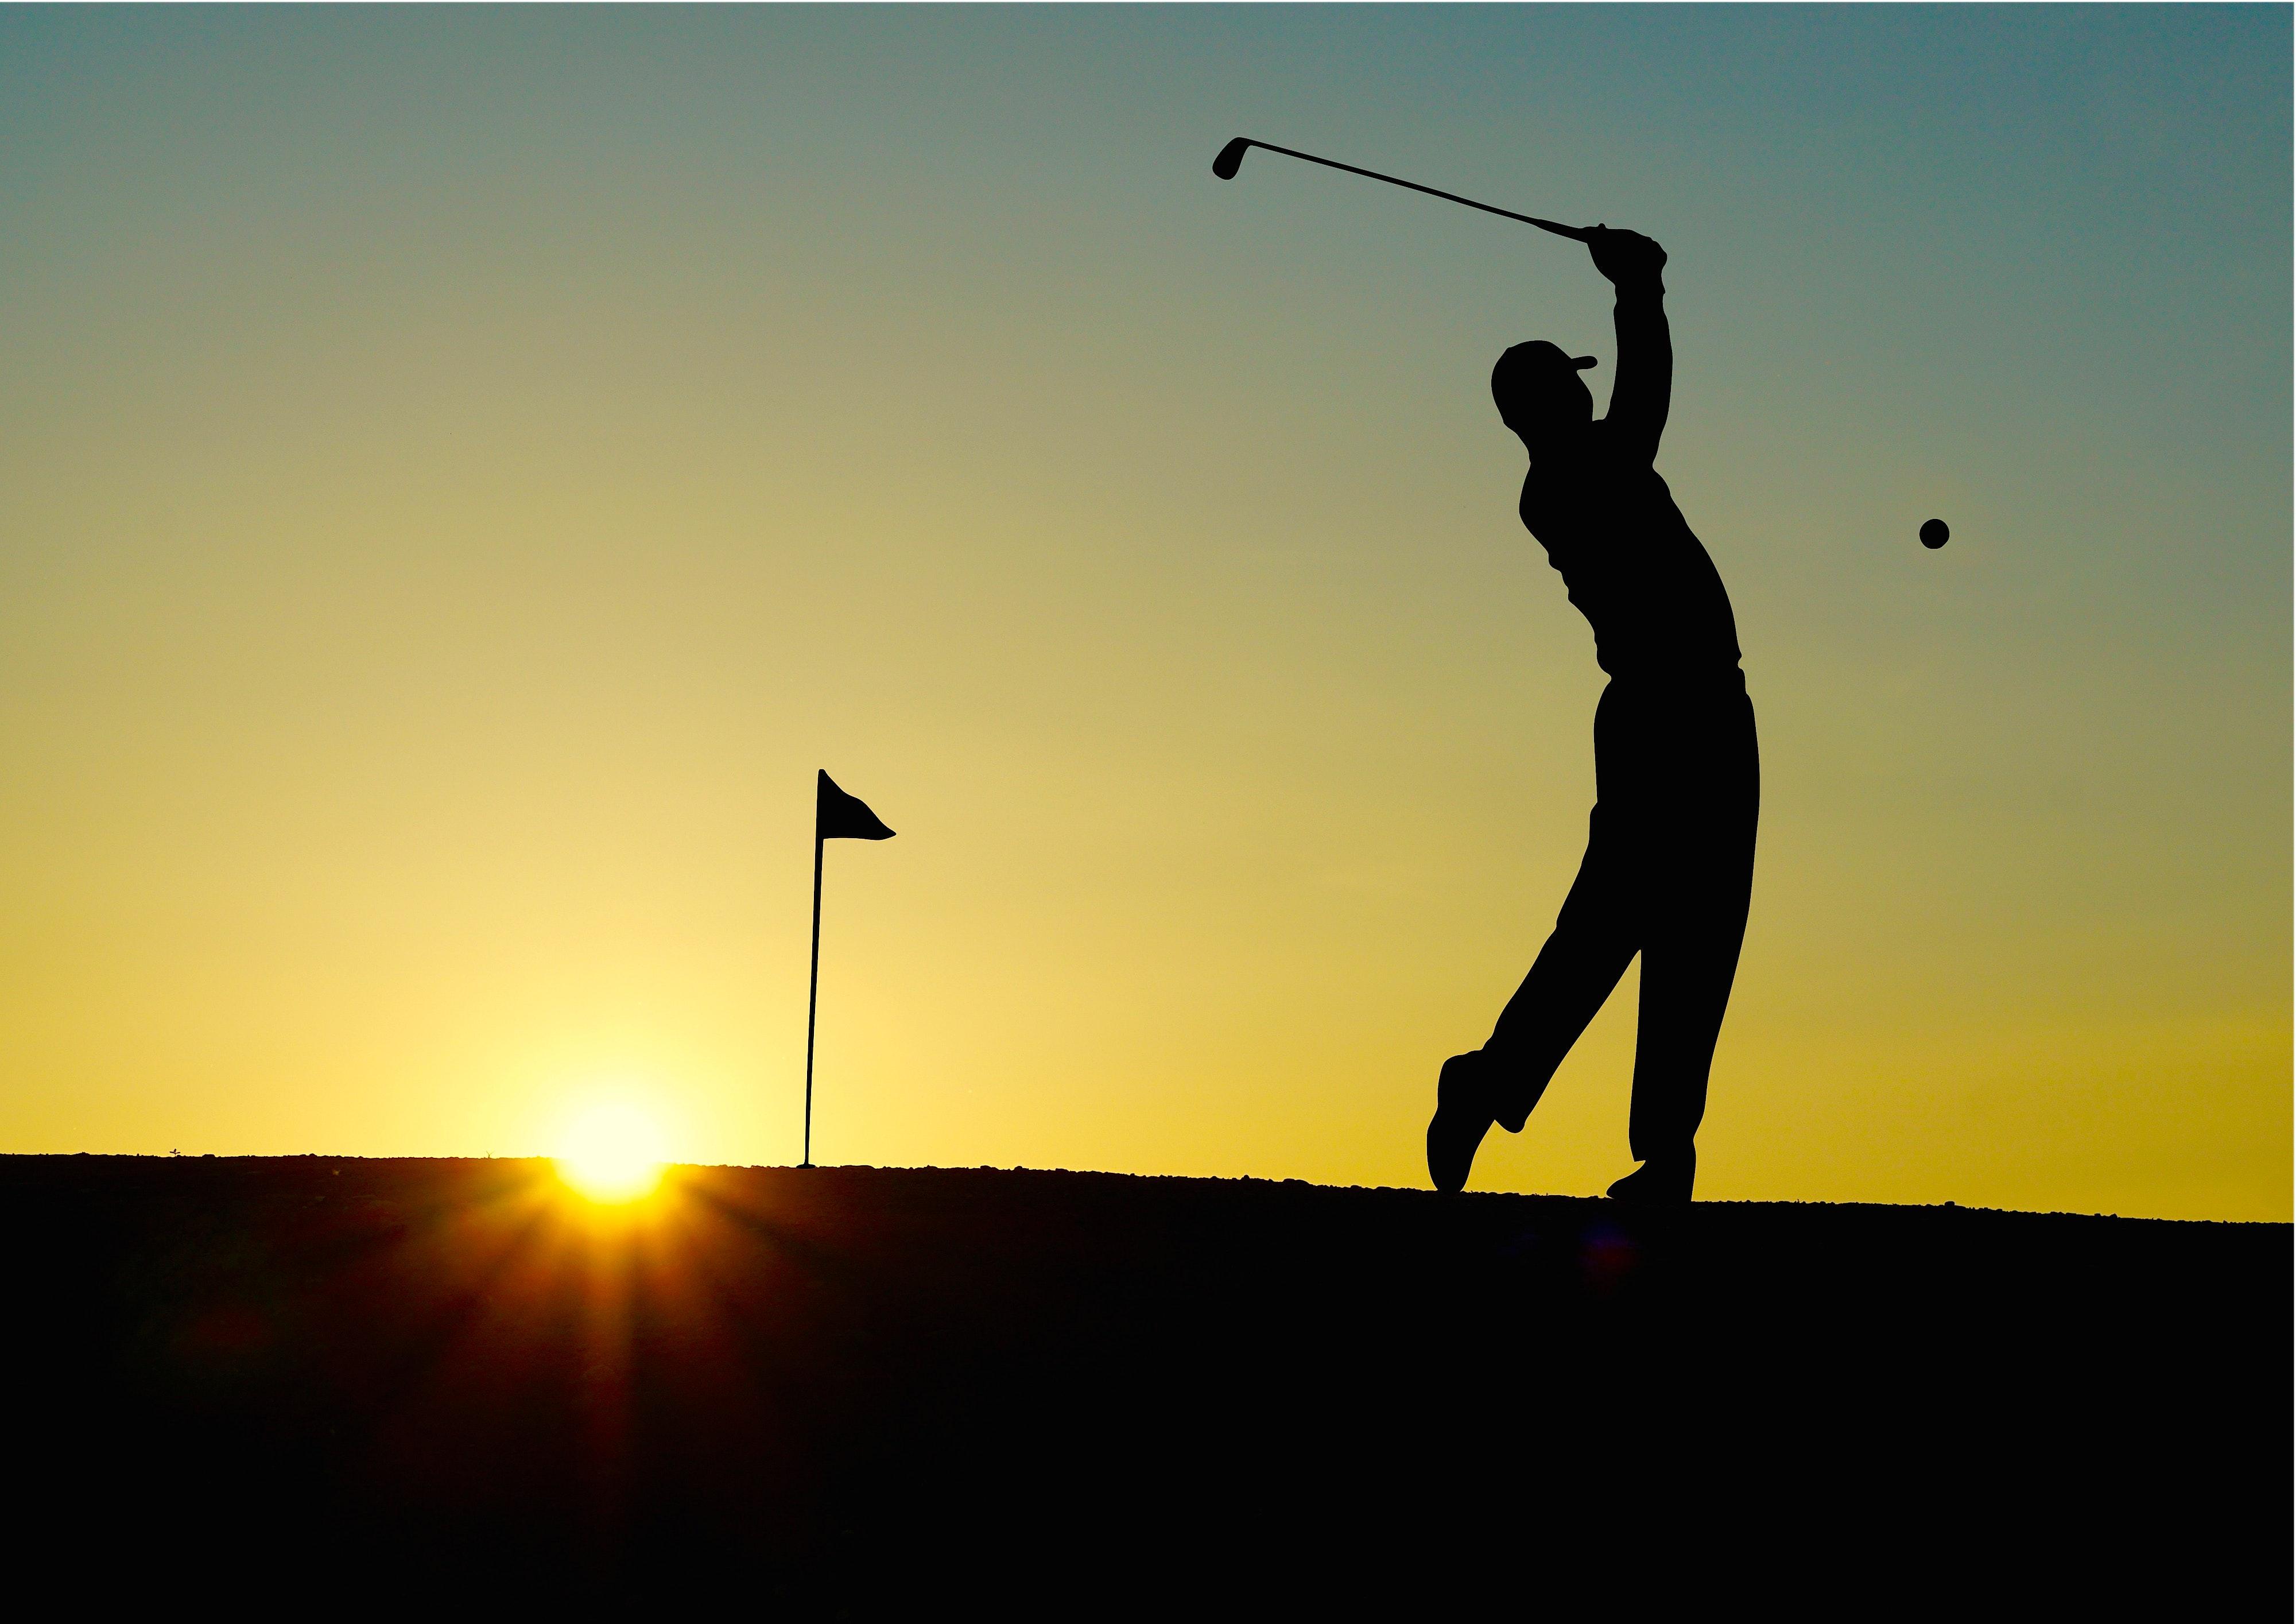 Find billige Srixon golfbolde og Callaway søbolde hos Jyskegolfbolde.dk